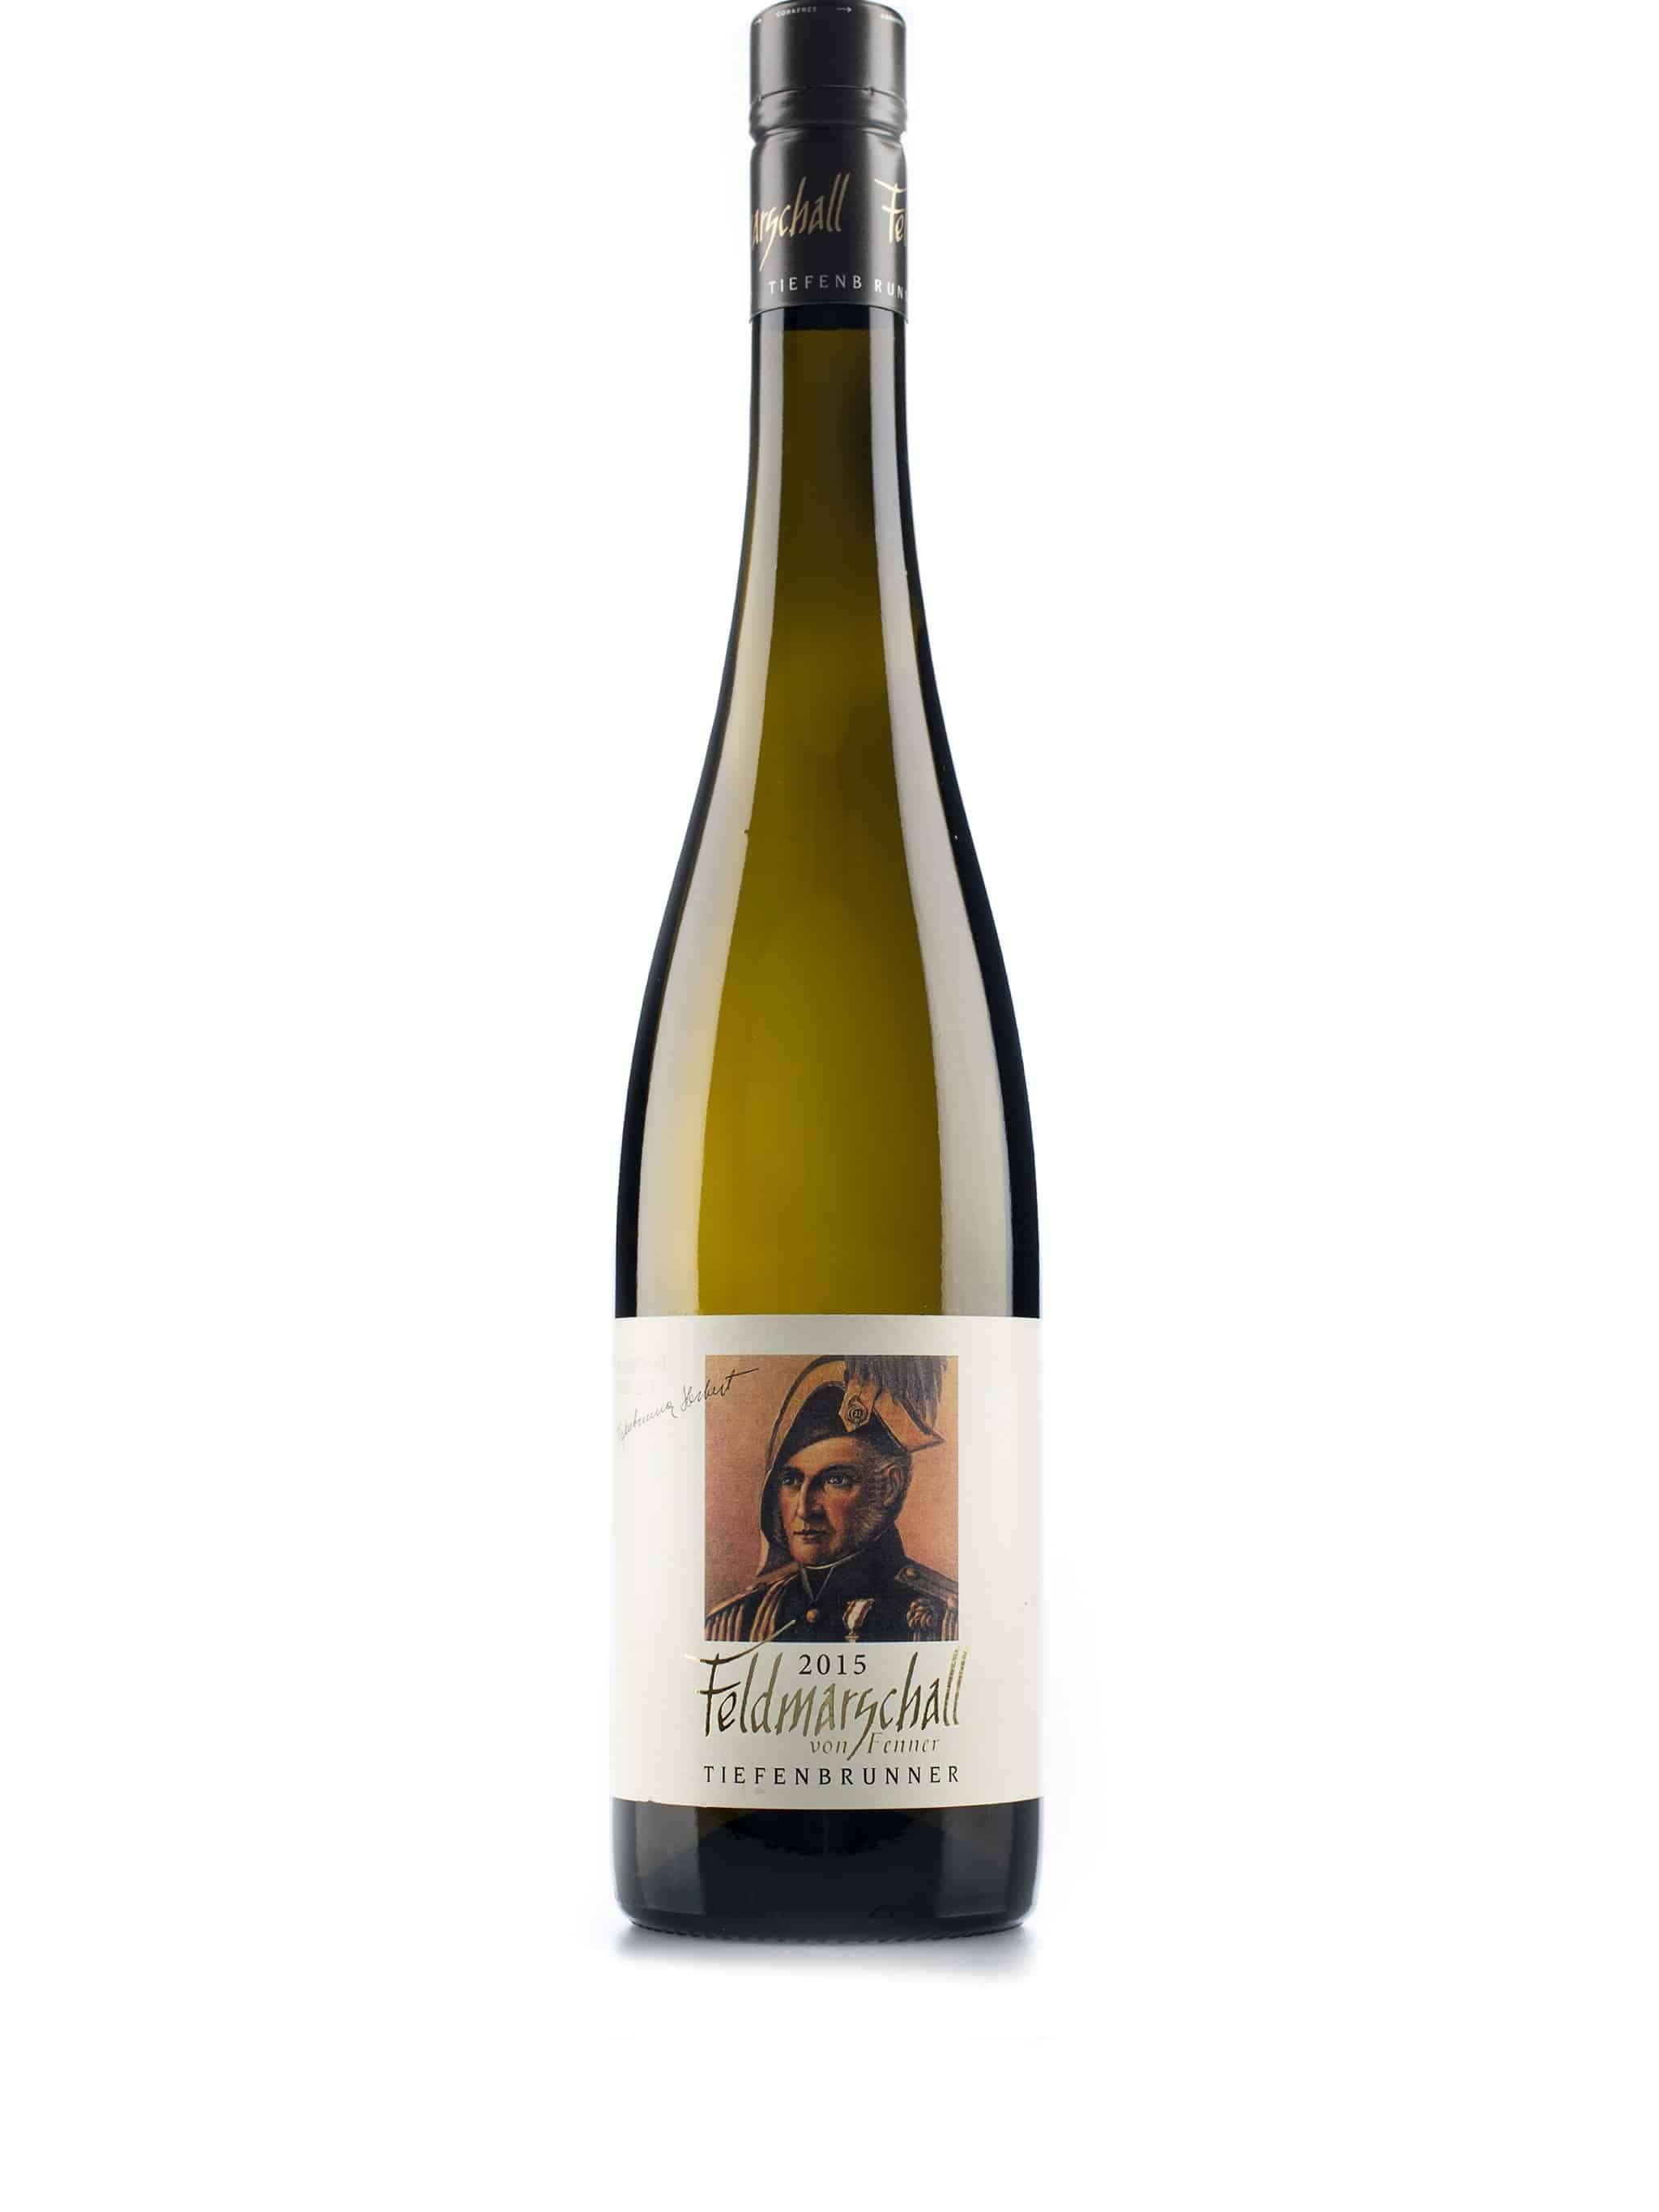 Italiaanse witte wijn van wijndomein Tiefenbrunner: Feldmarschall Von Fenner